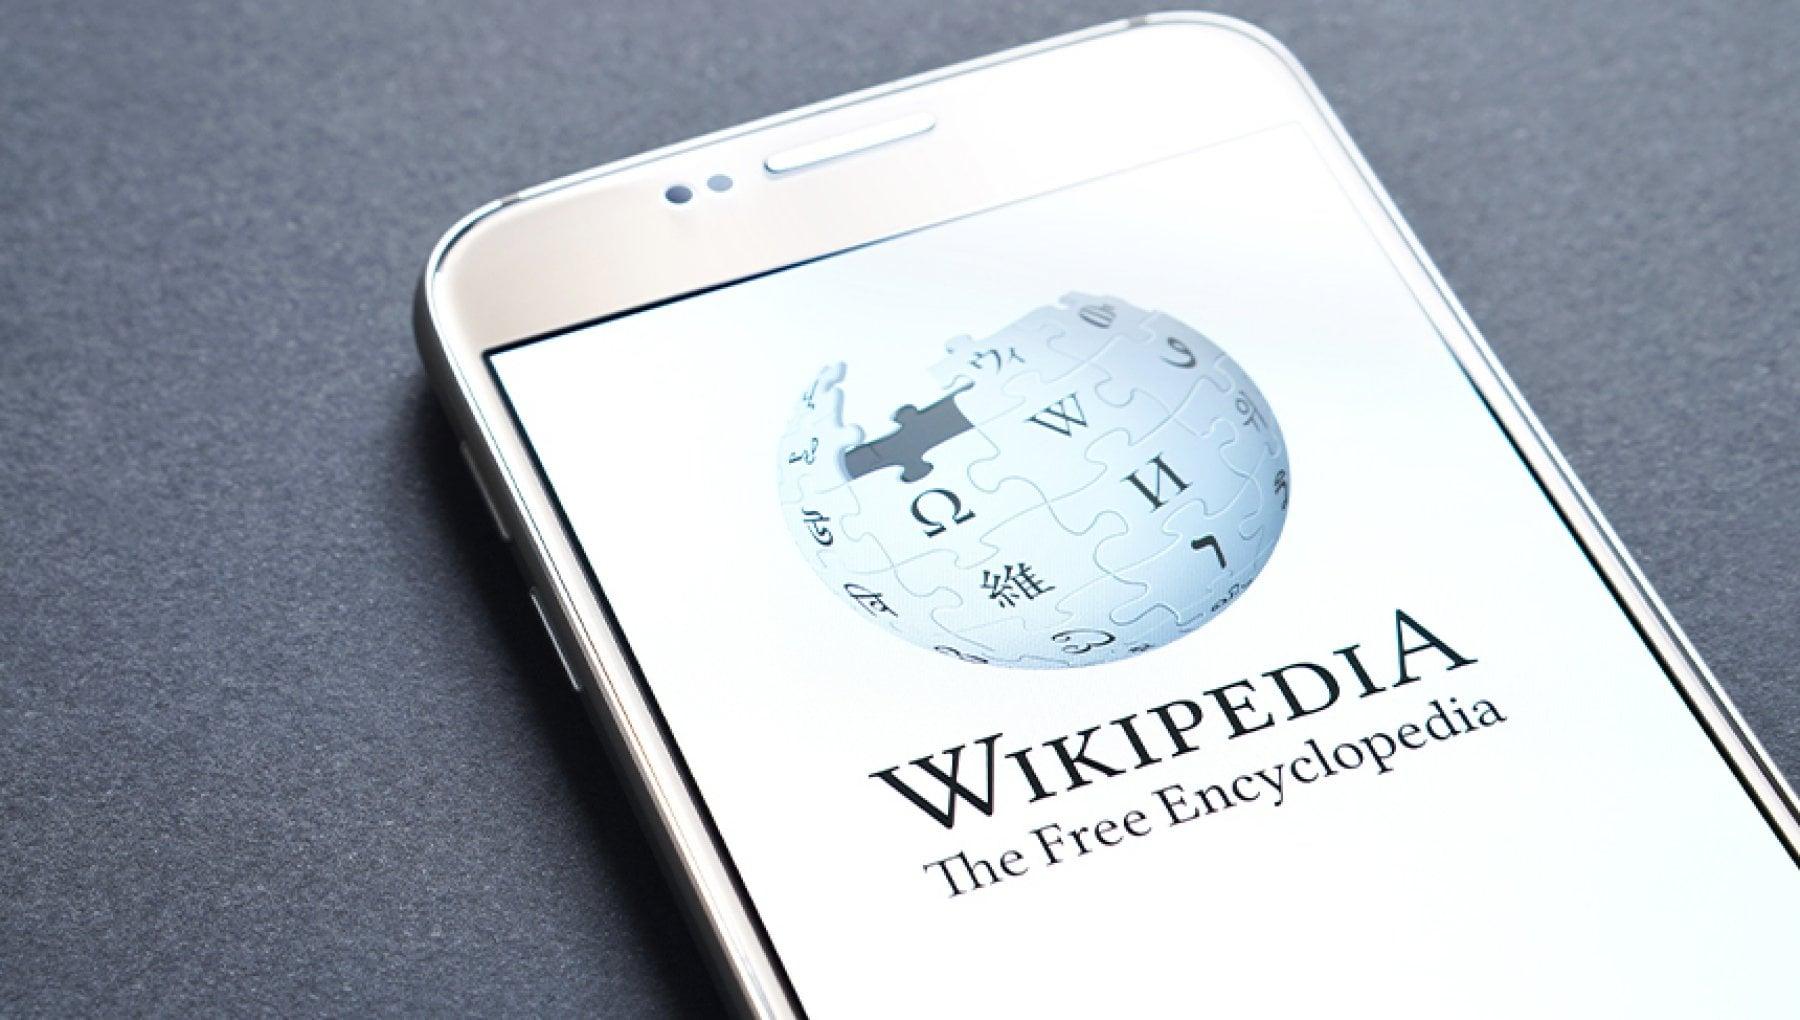 140648335 f081fe4c 8374 4d12 9759 40d6969a8f28 - La nuova frontiera di Wikipedia, contenuti a pagamento? Sì, ma solo per i colossi del web